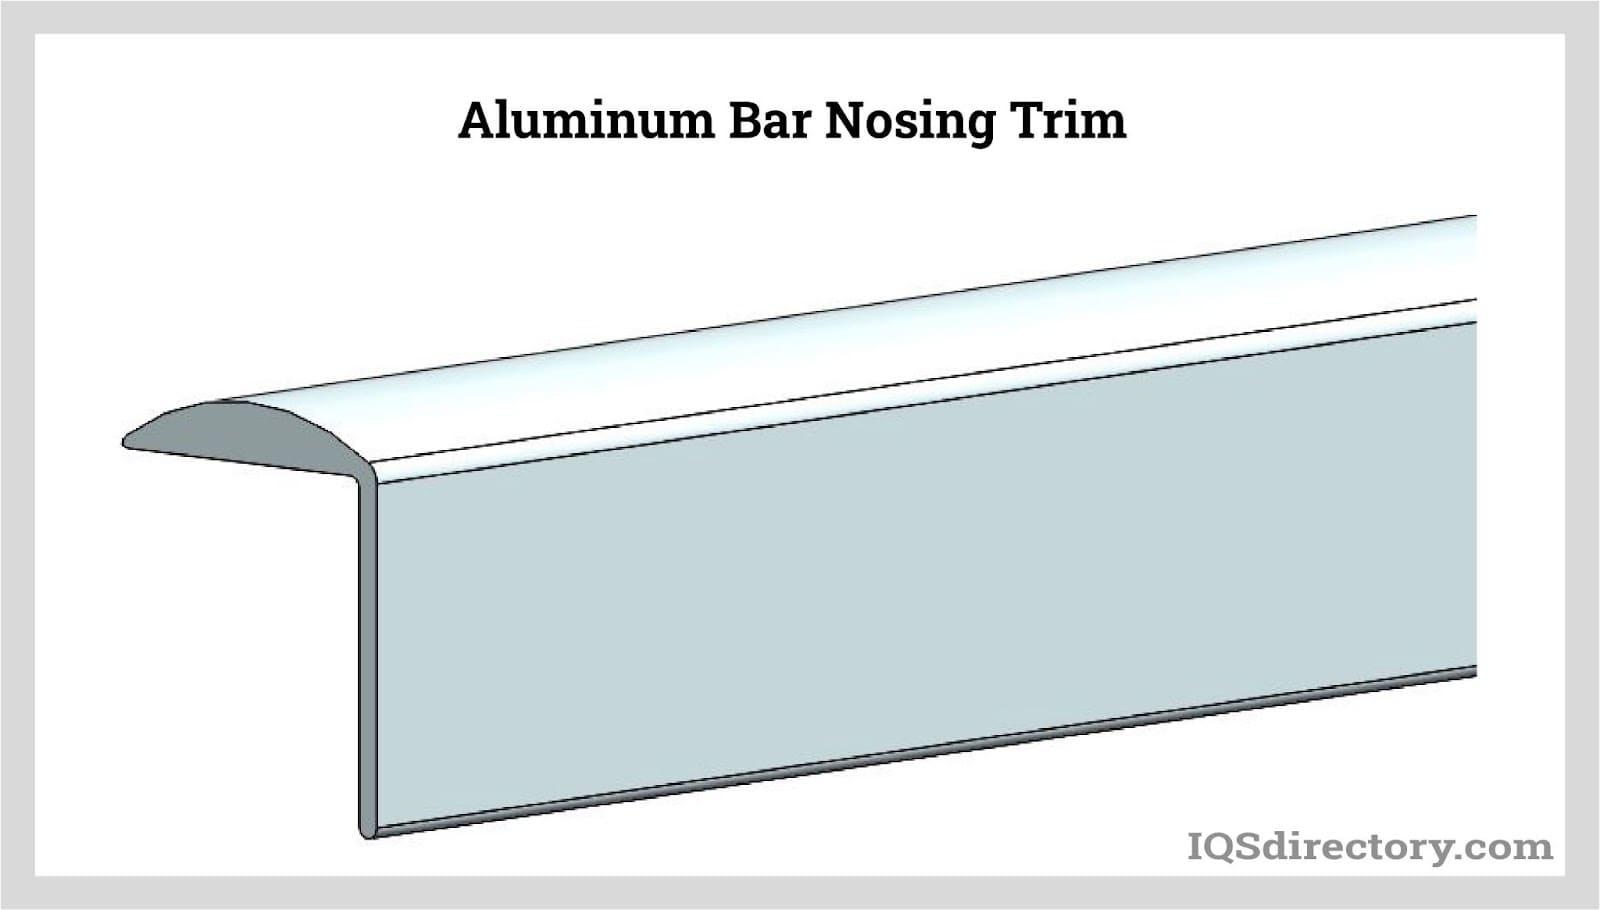 Aluminum Bar Nosing Trim